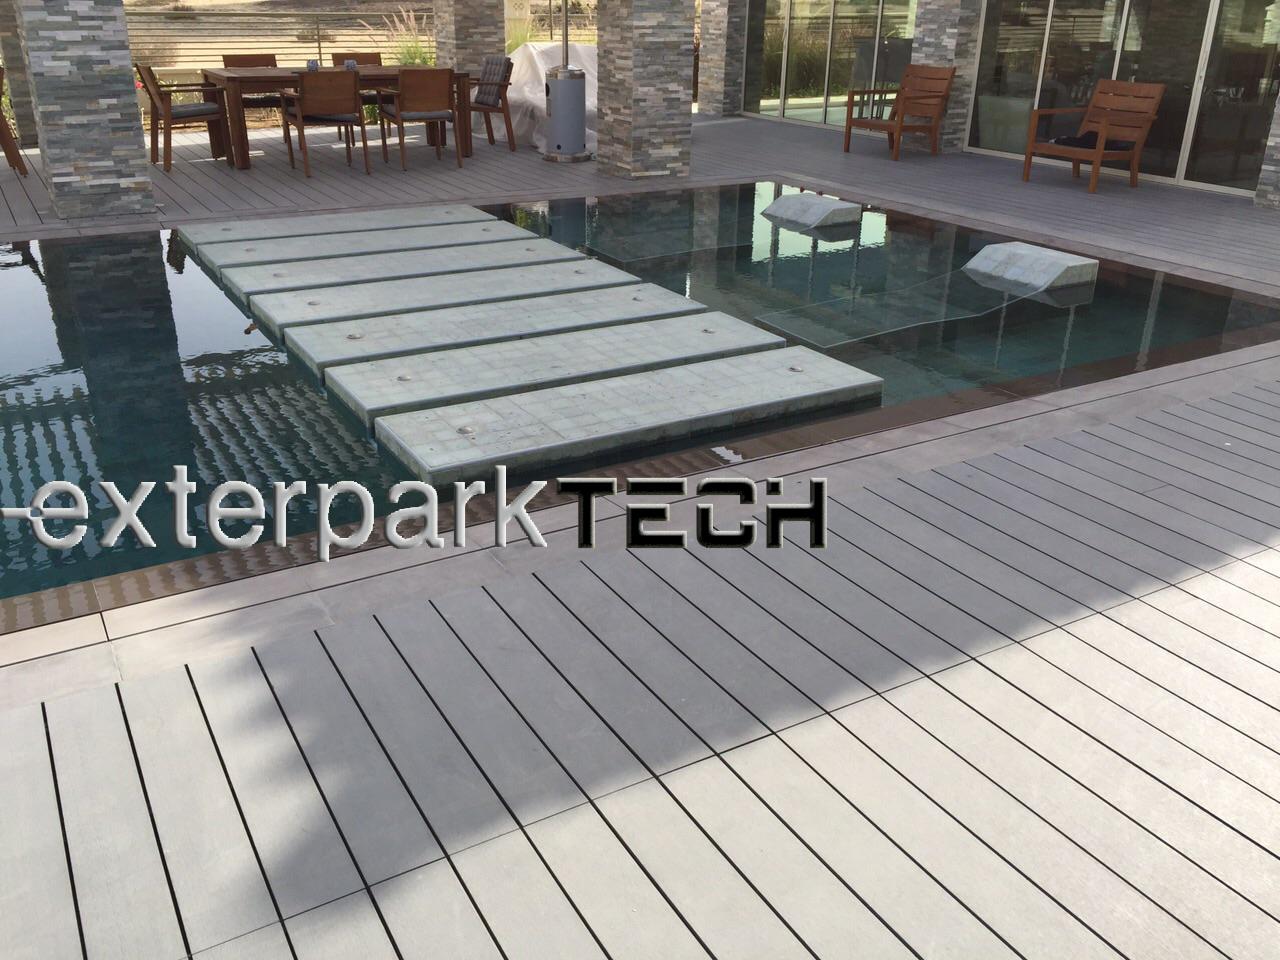 Exterpark Tech Plus Pizarra in United Arab Emirates